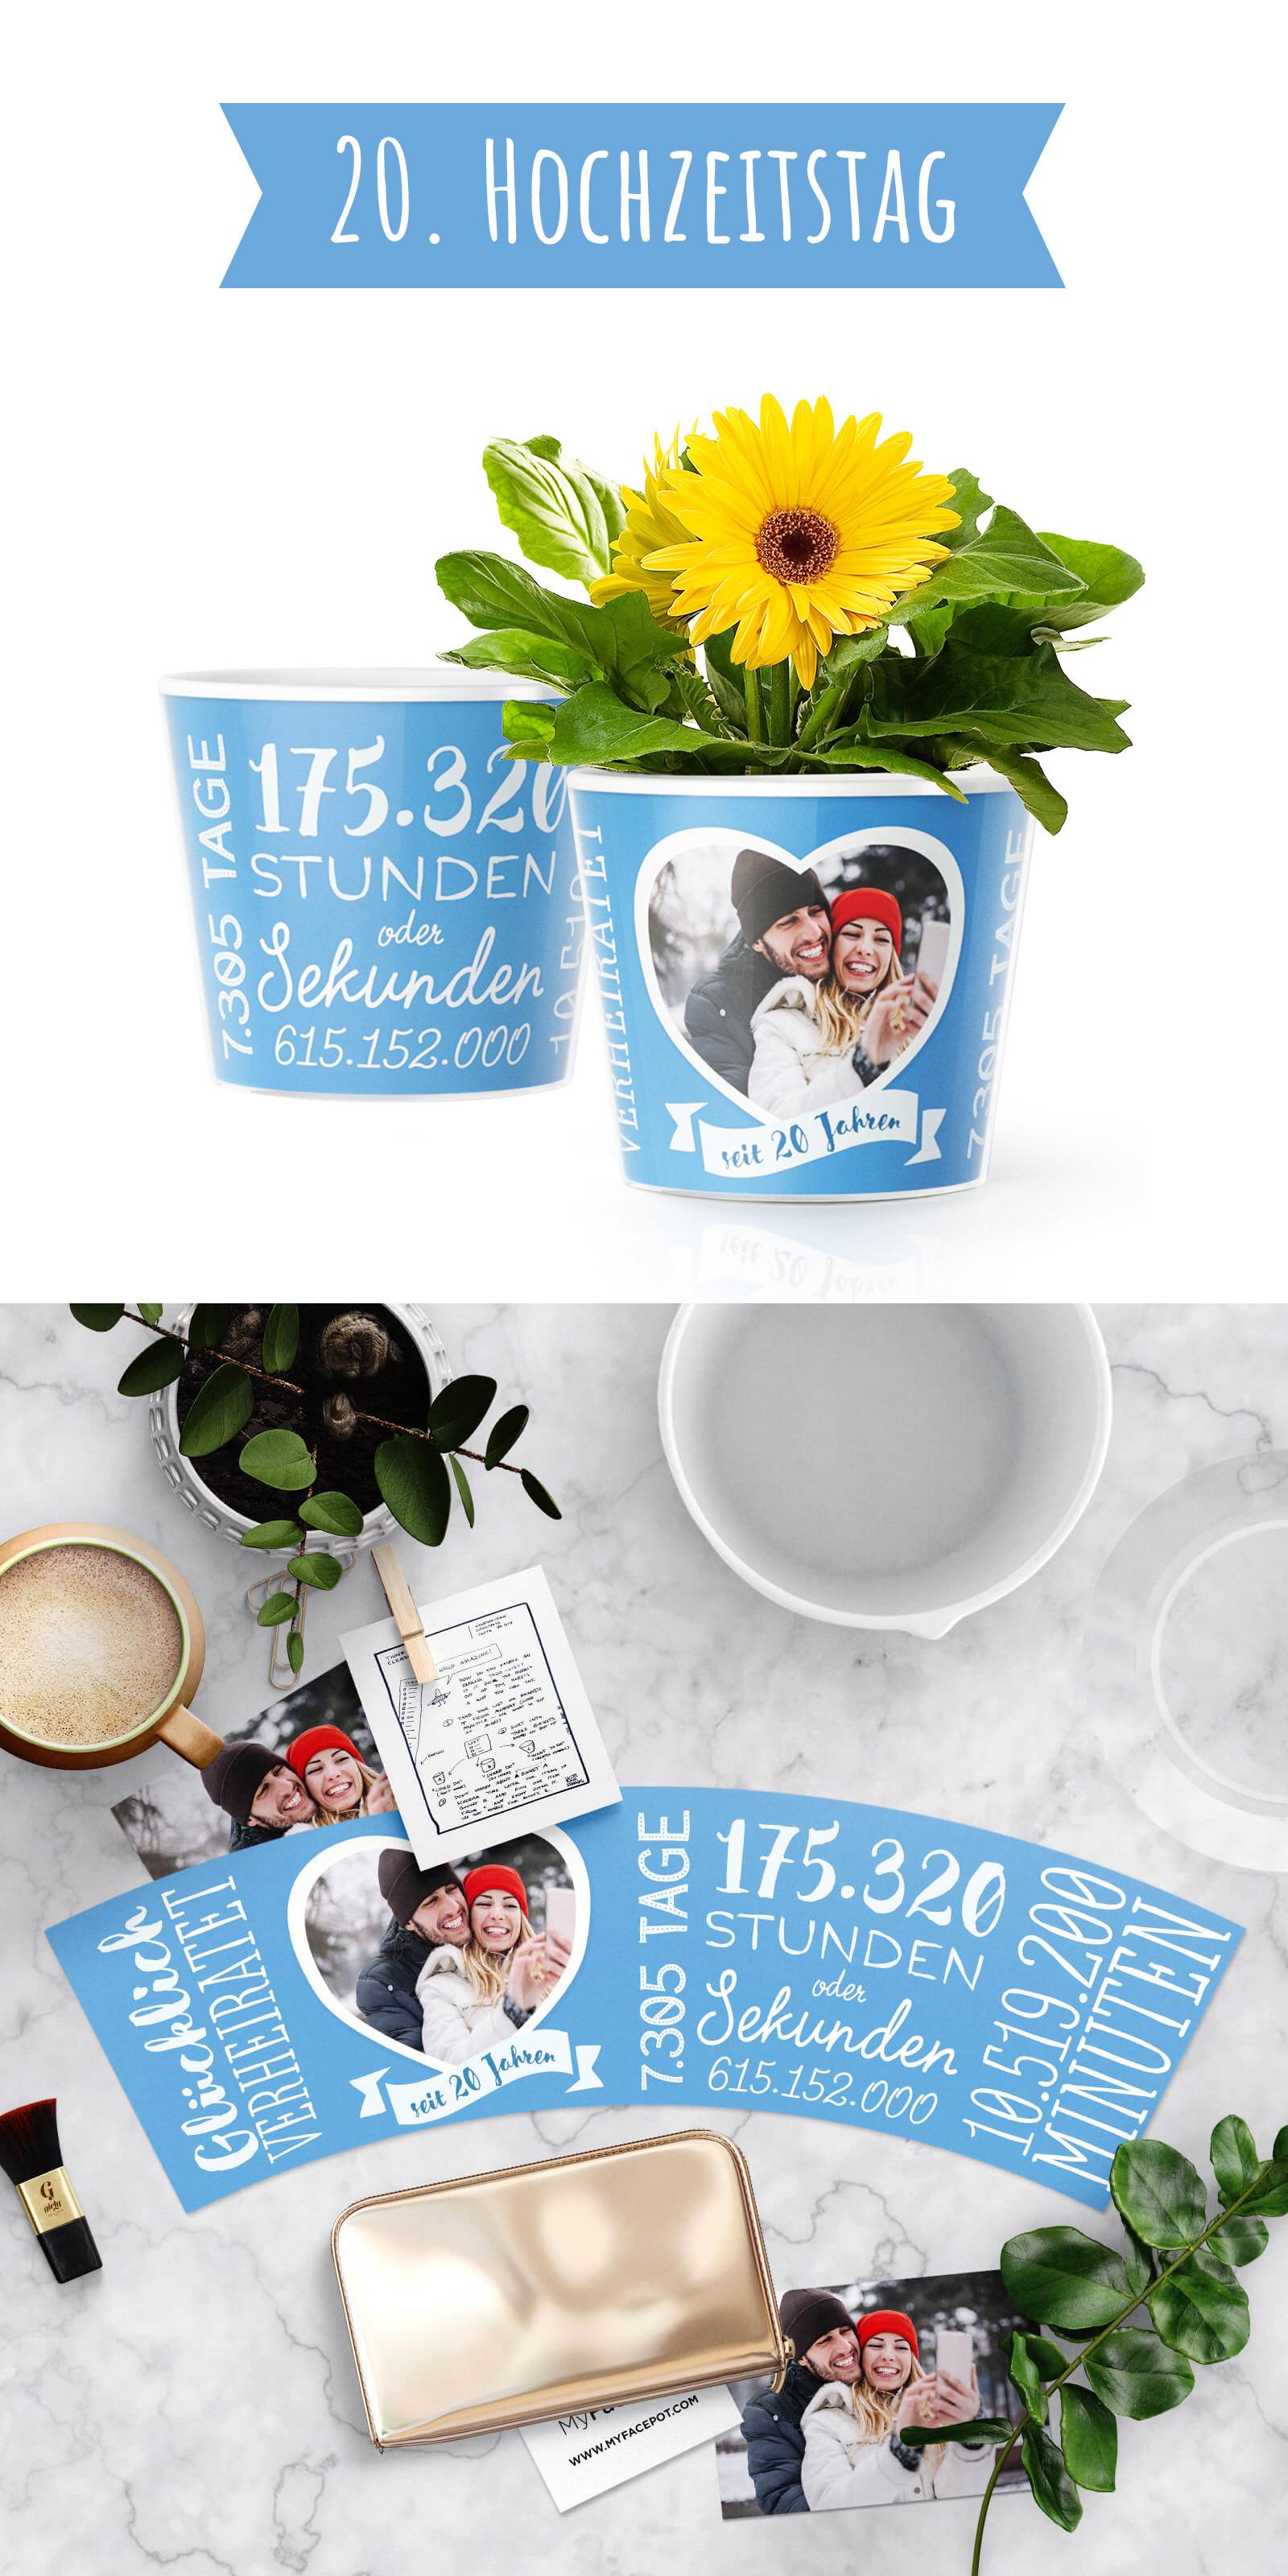 Porzellanhochzeit - Geschenk zum 20. Hochzeitstag